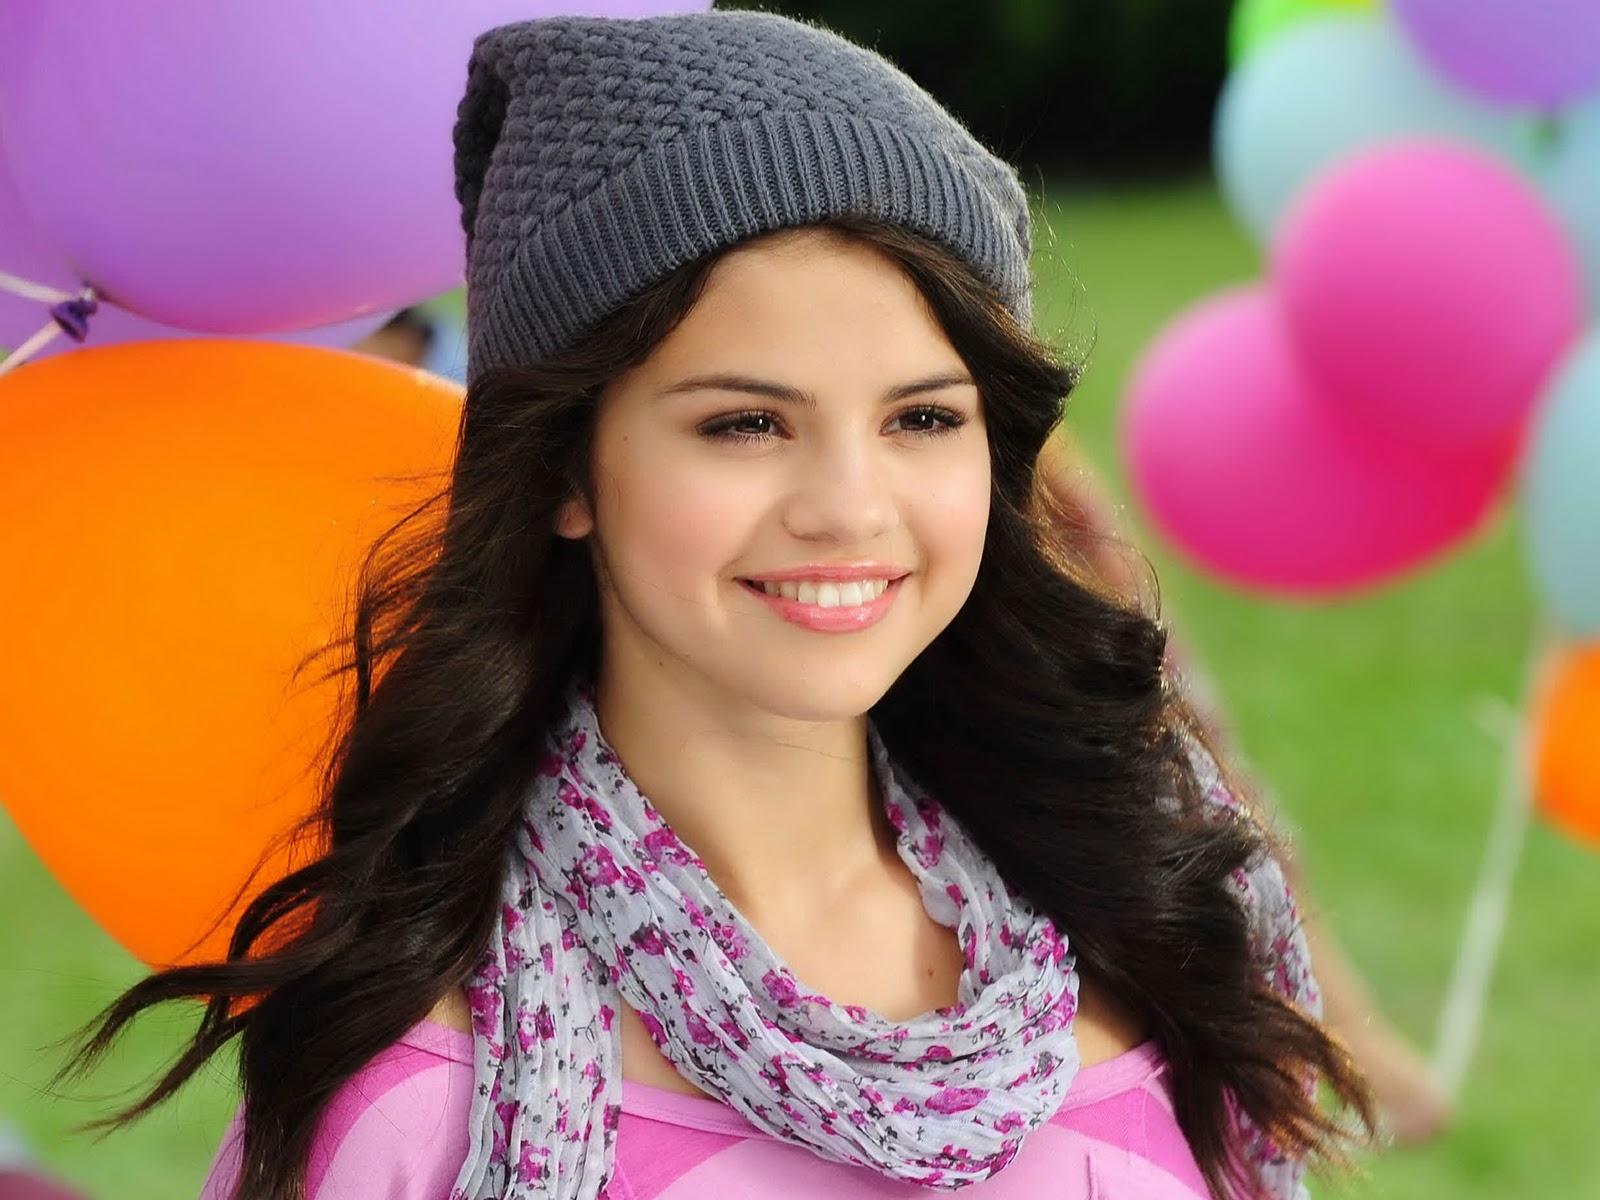 Selena Gomez Selena Gomez cute